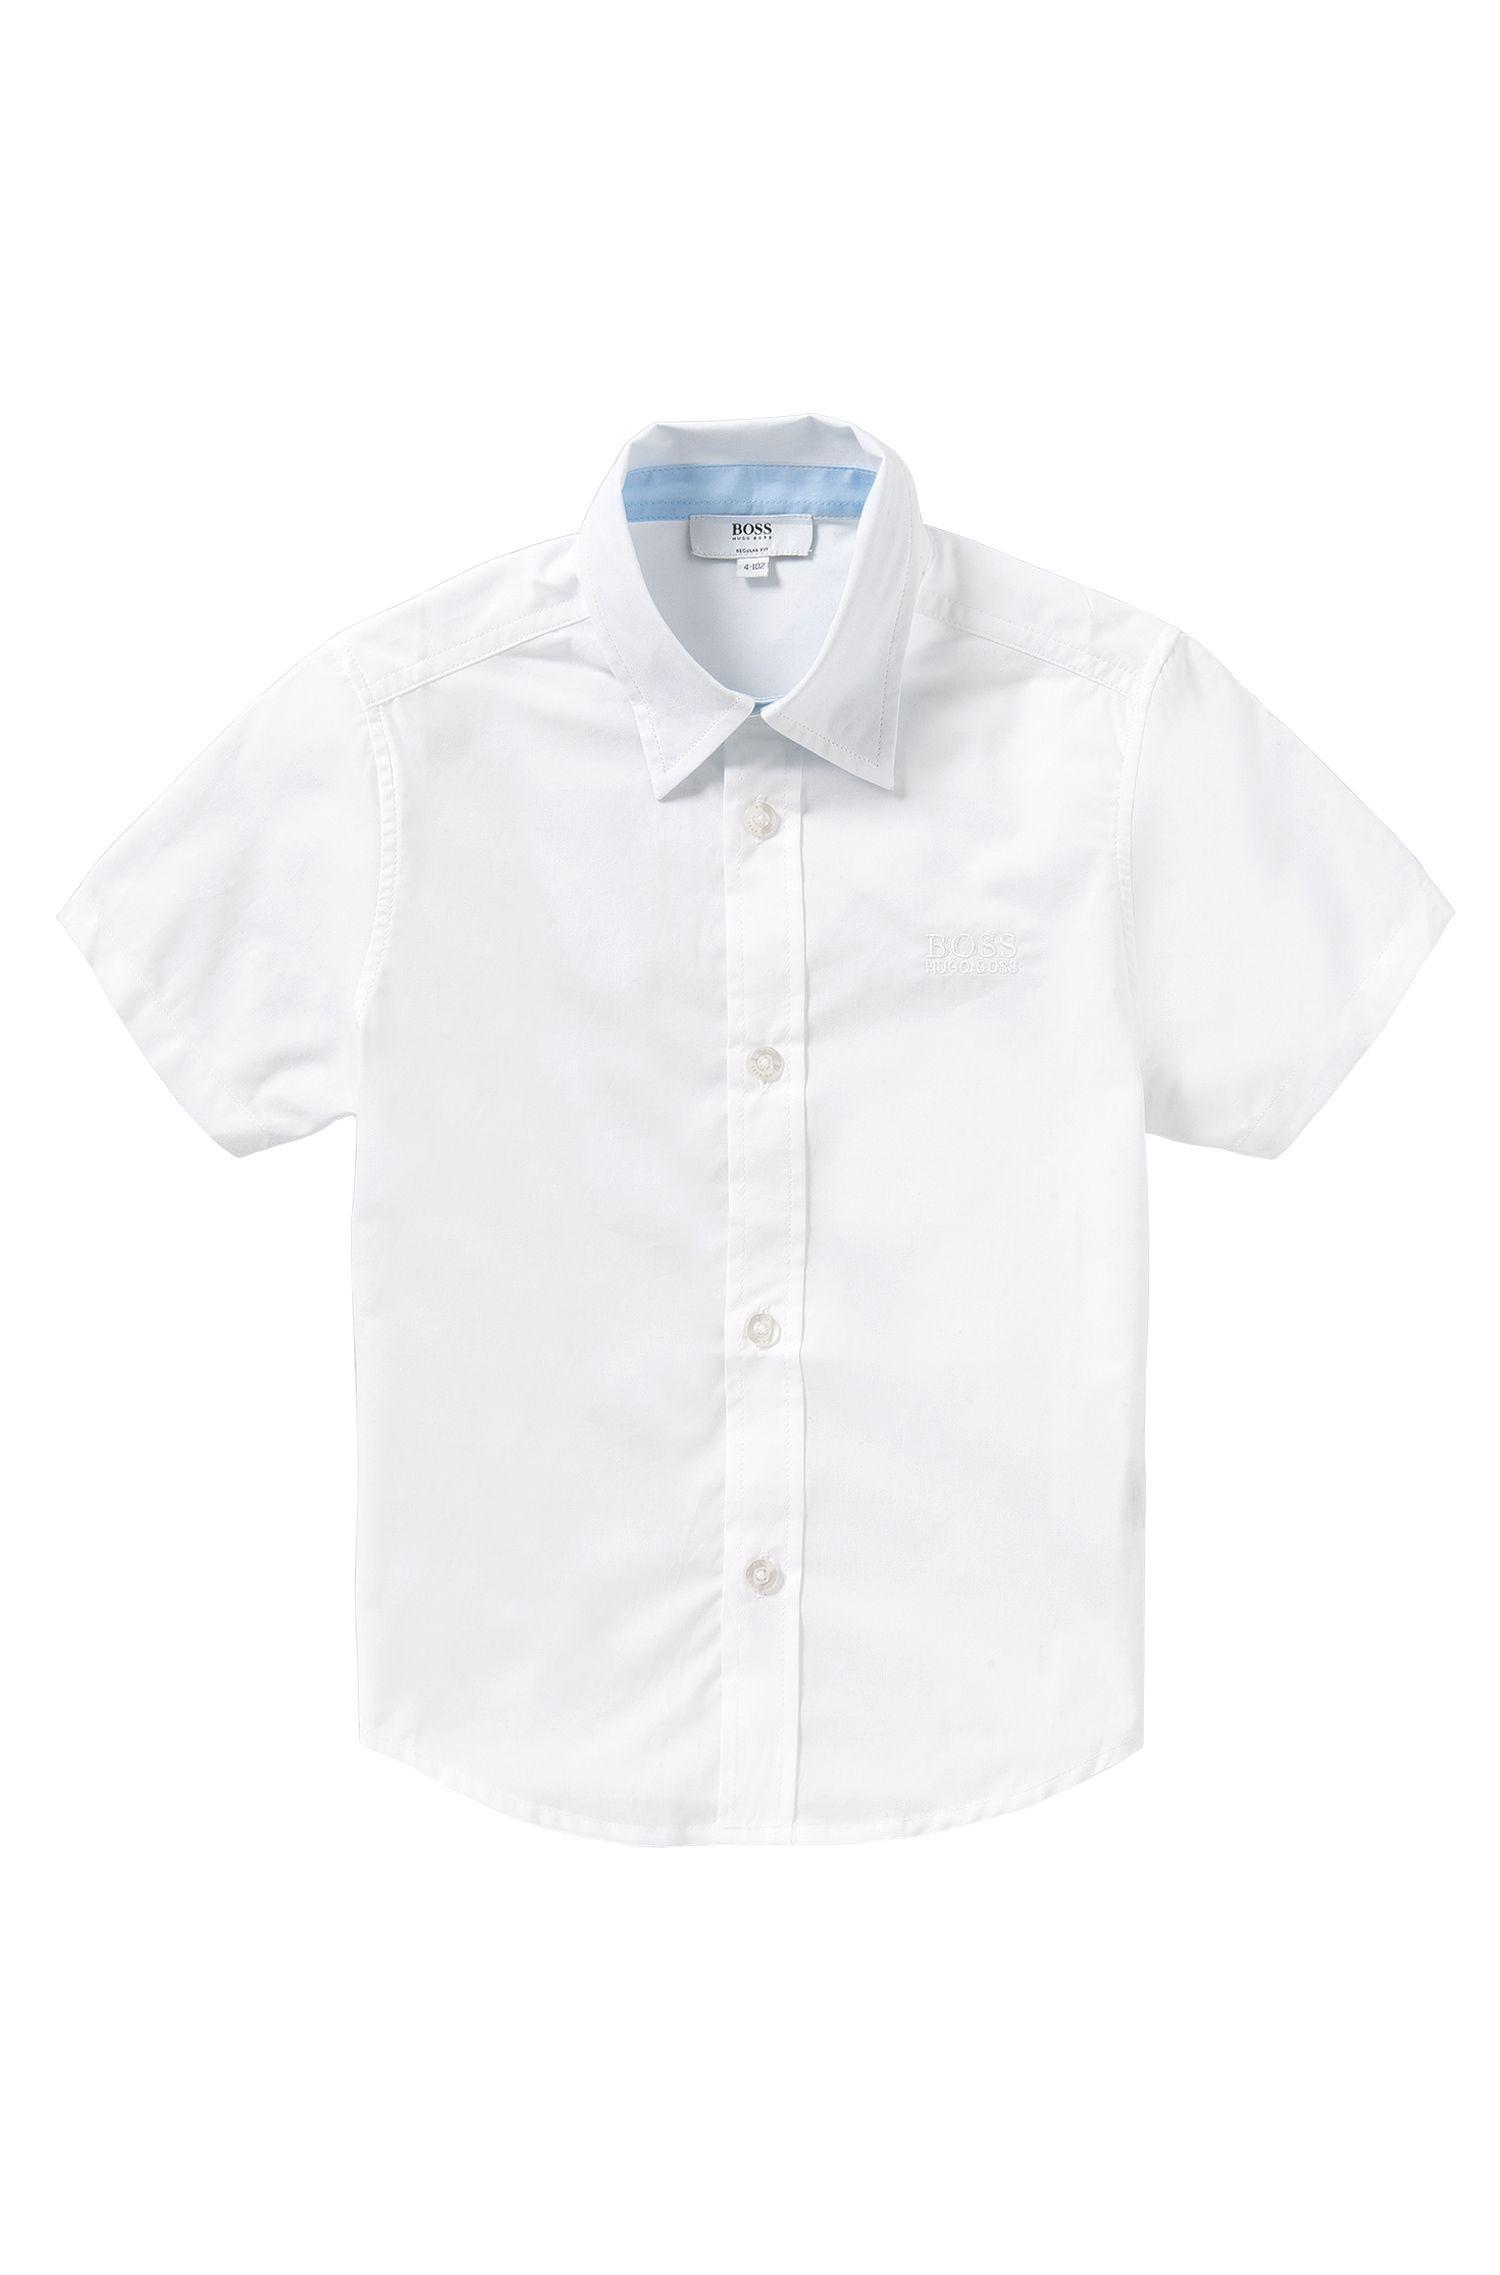 'J25944' | Boys Stretch Cotton Button Down Shirt